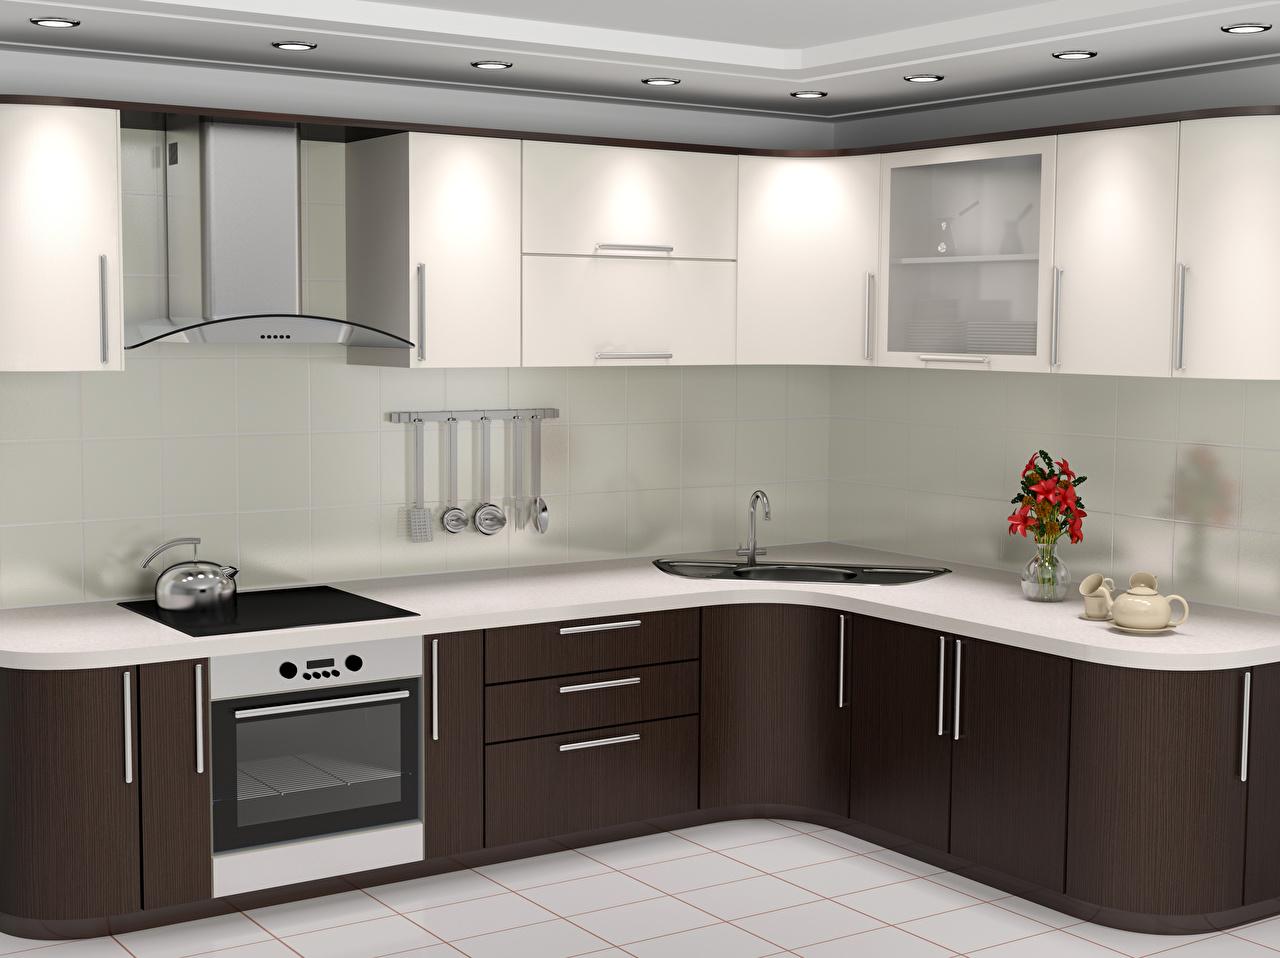 Фото кухни 3D Графика Интерьер дизайна Кухня 3д Дизайн